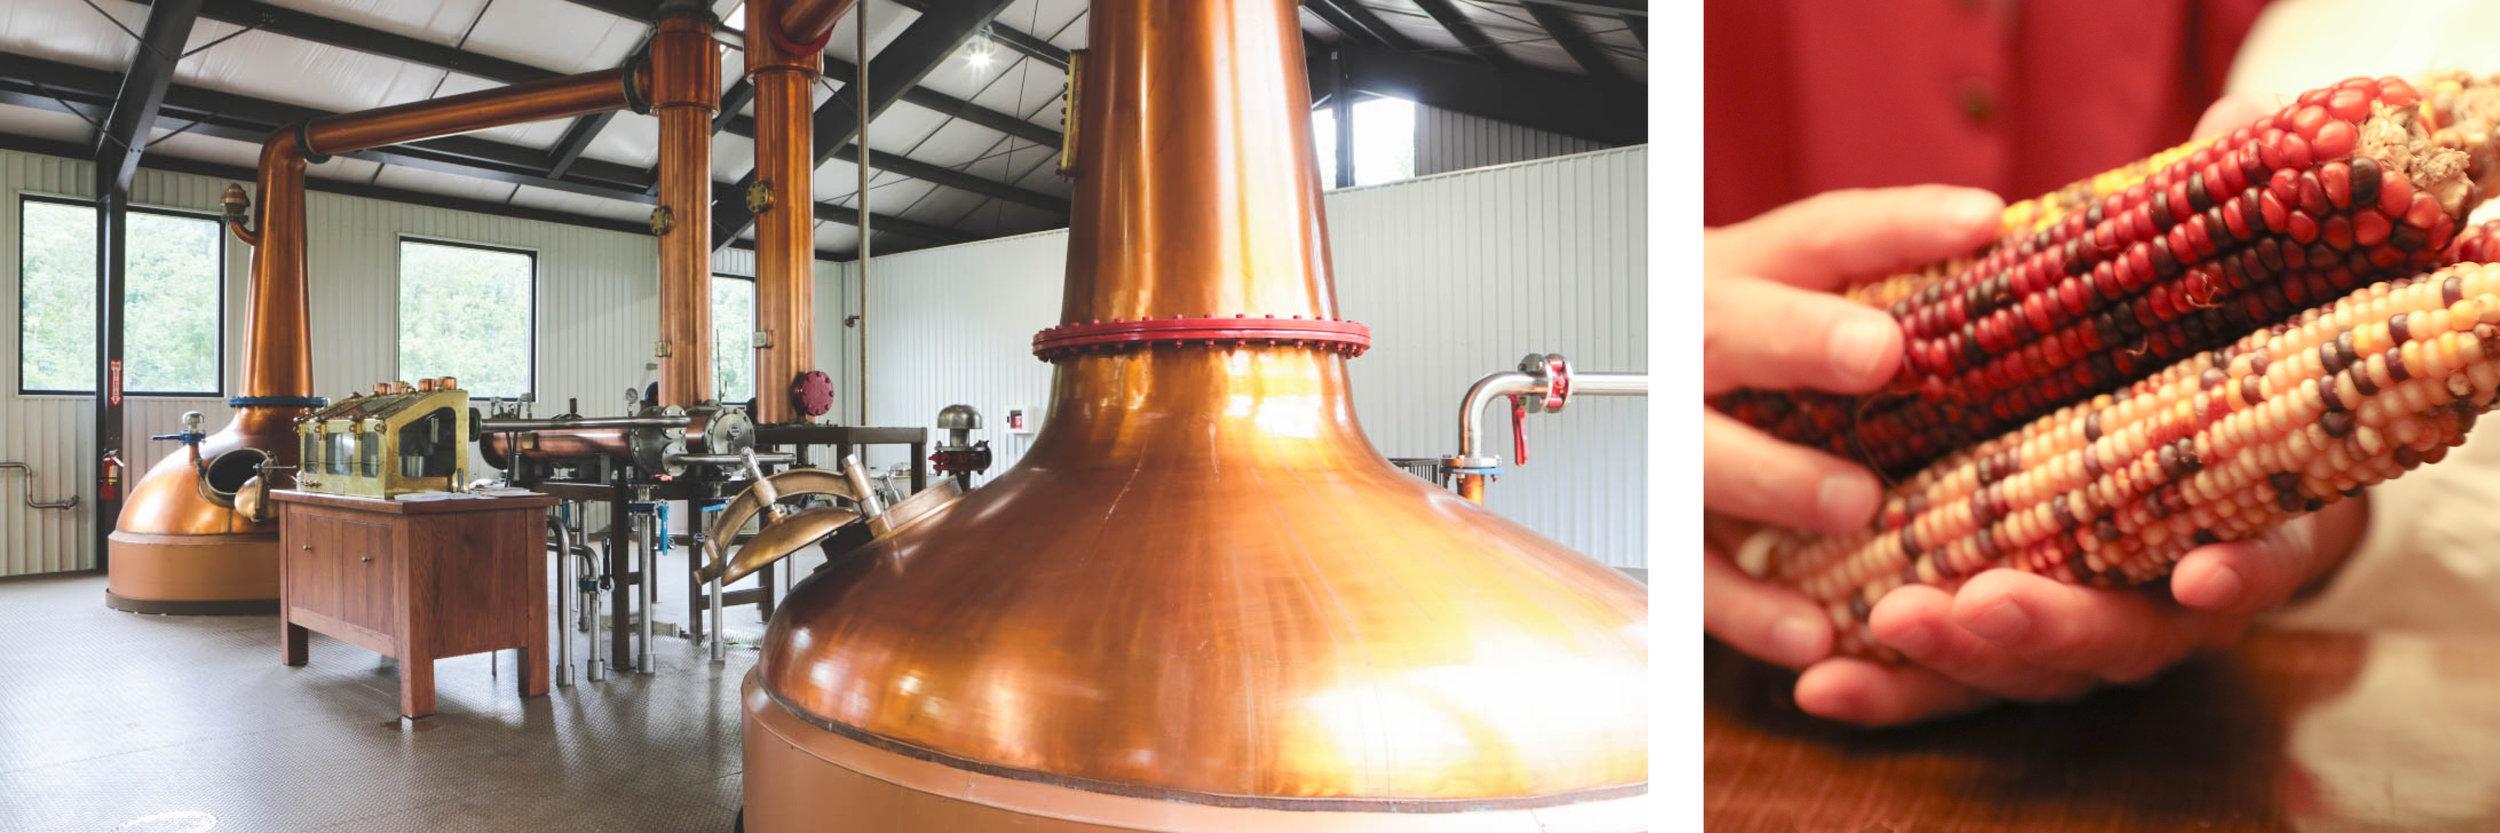 Images: Virginia Distilliery Co. - Jay Paul / Eight Shires Distillery - Dan Currier